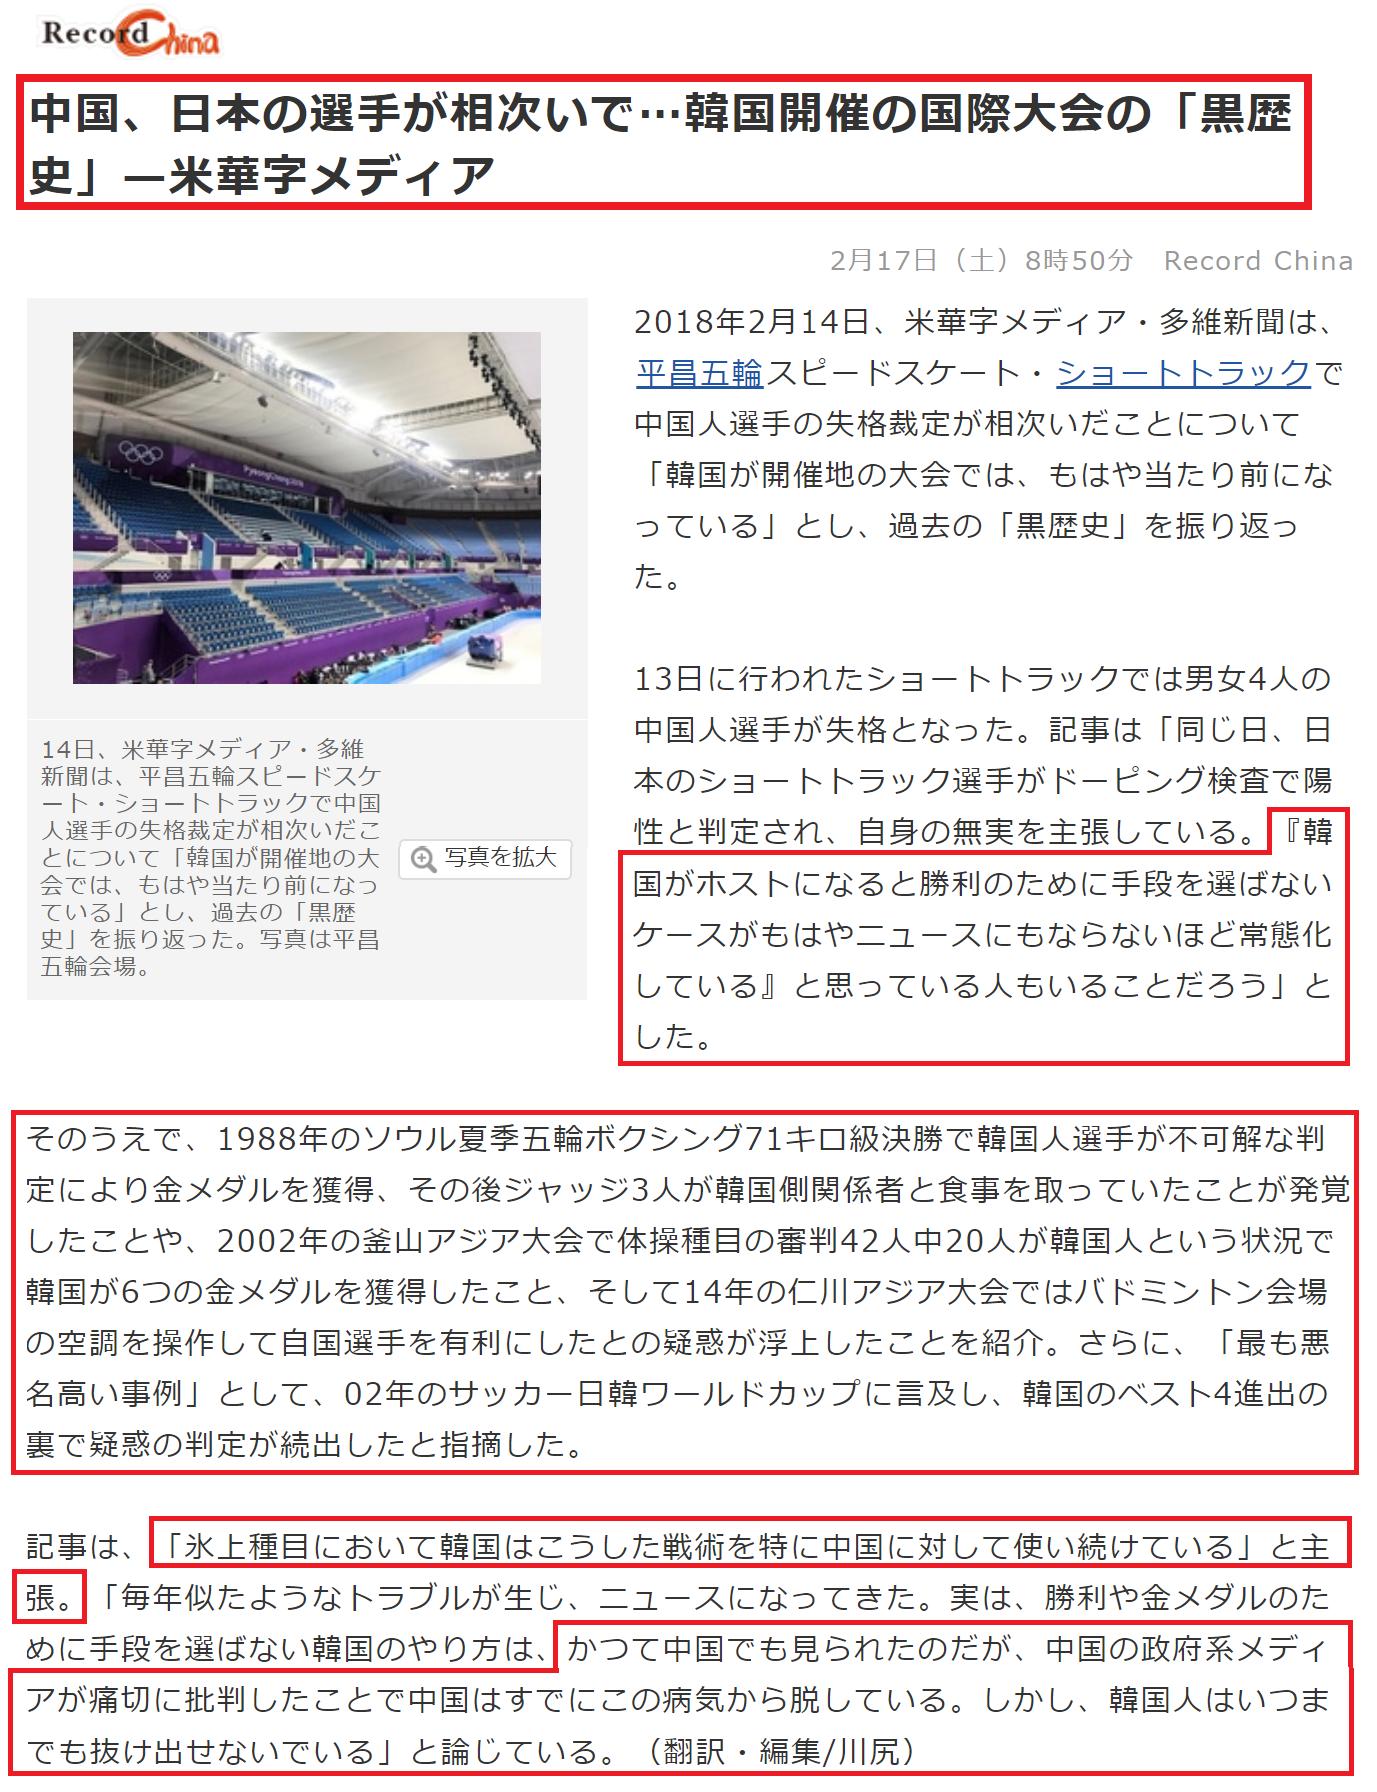 シナメディア「チョン国開催の国際大会は不正が日常化」